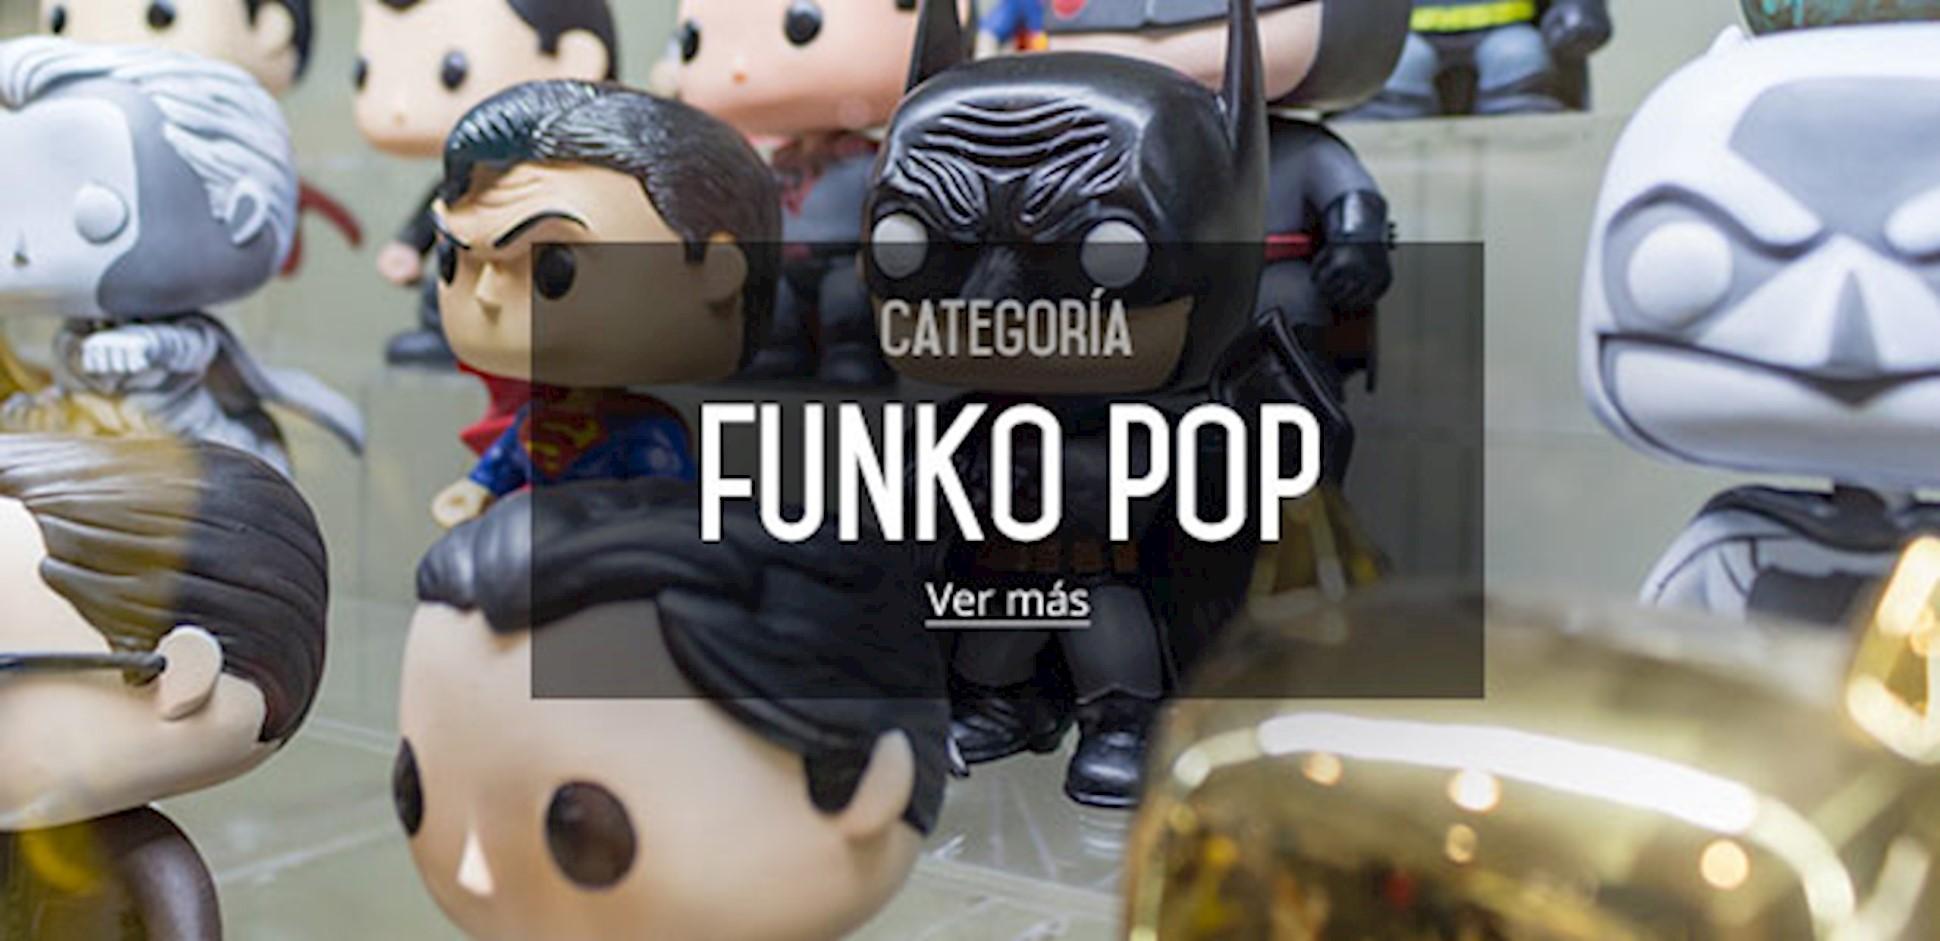 618x300-funko-pop.jpg